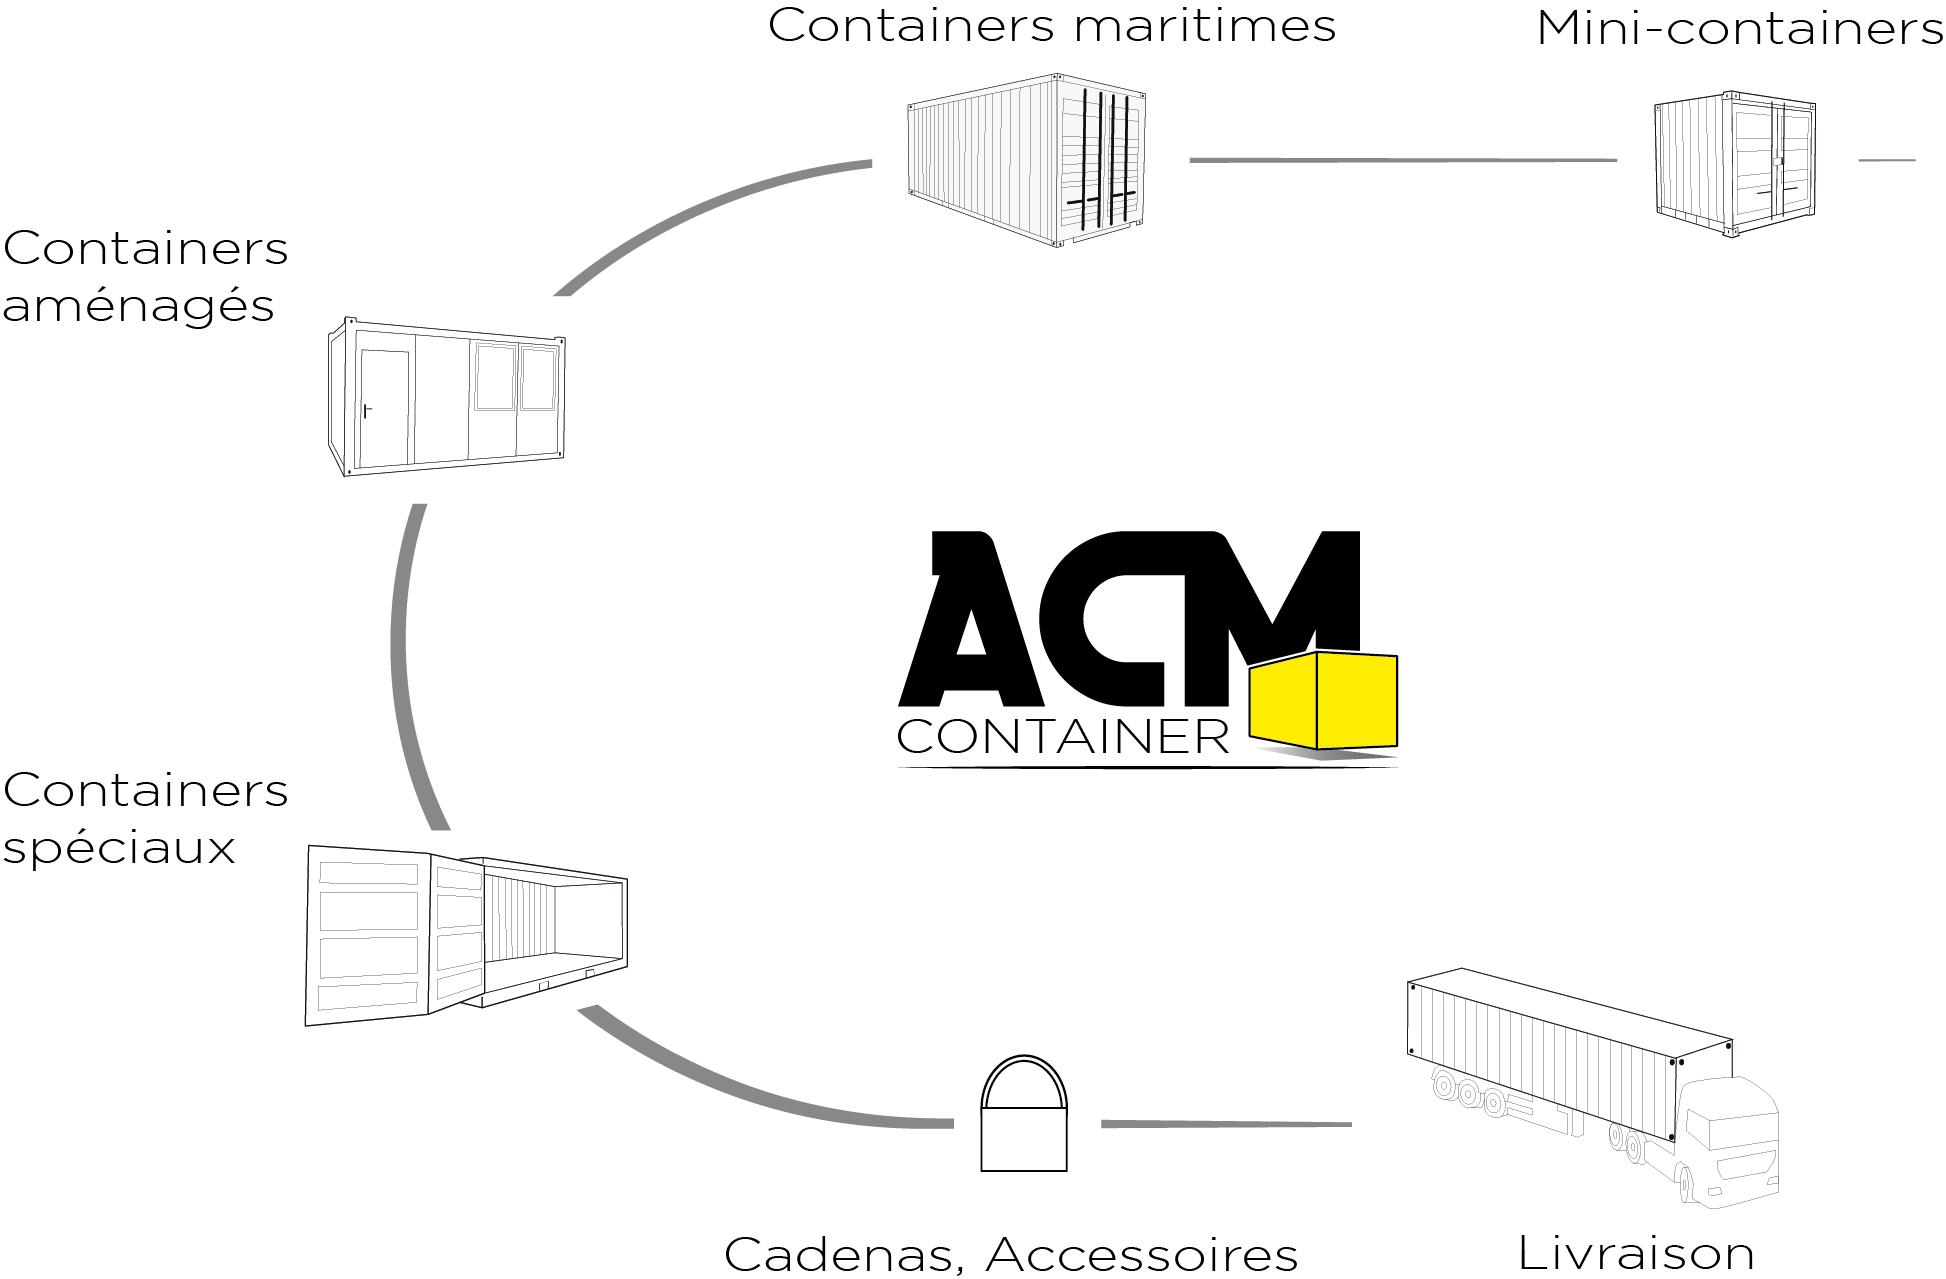 ACM Container